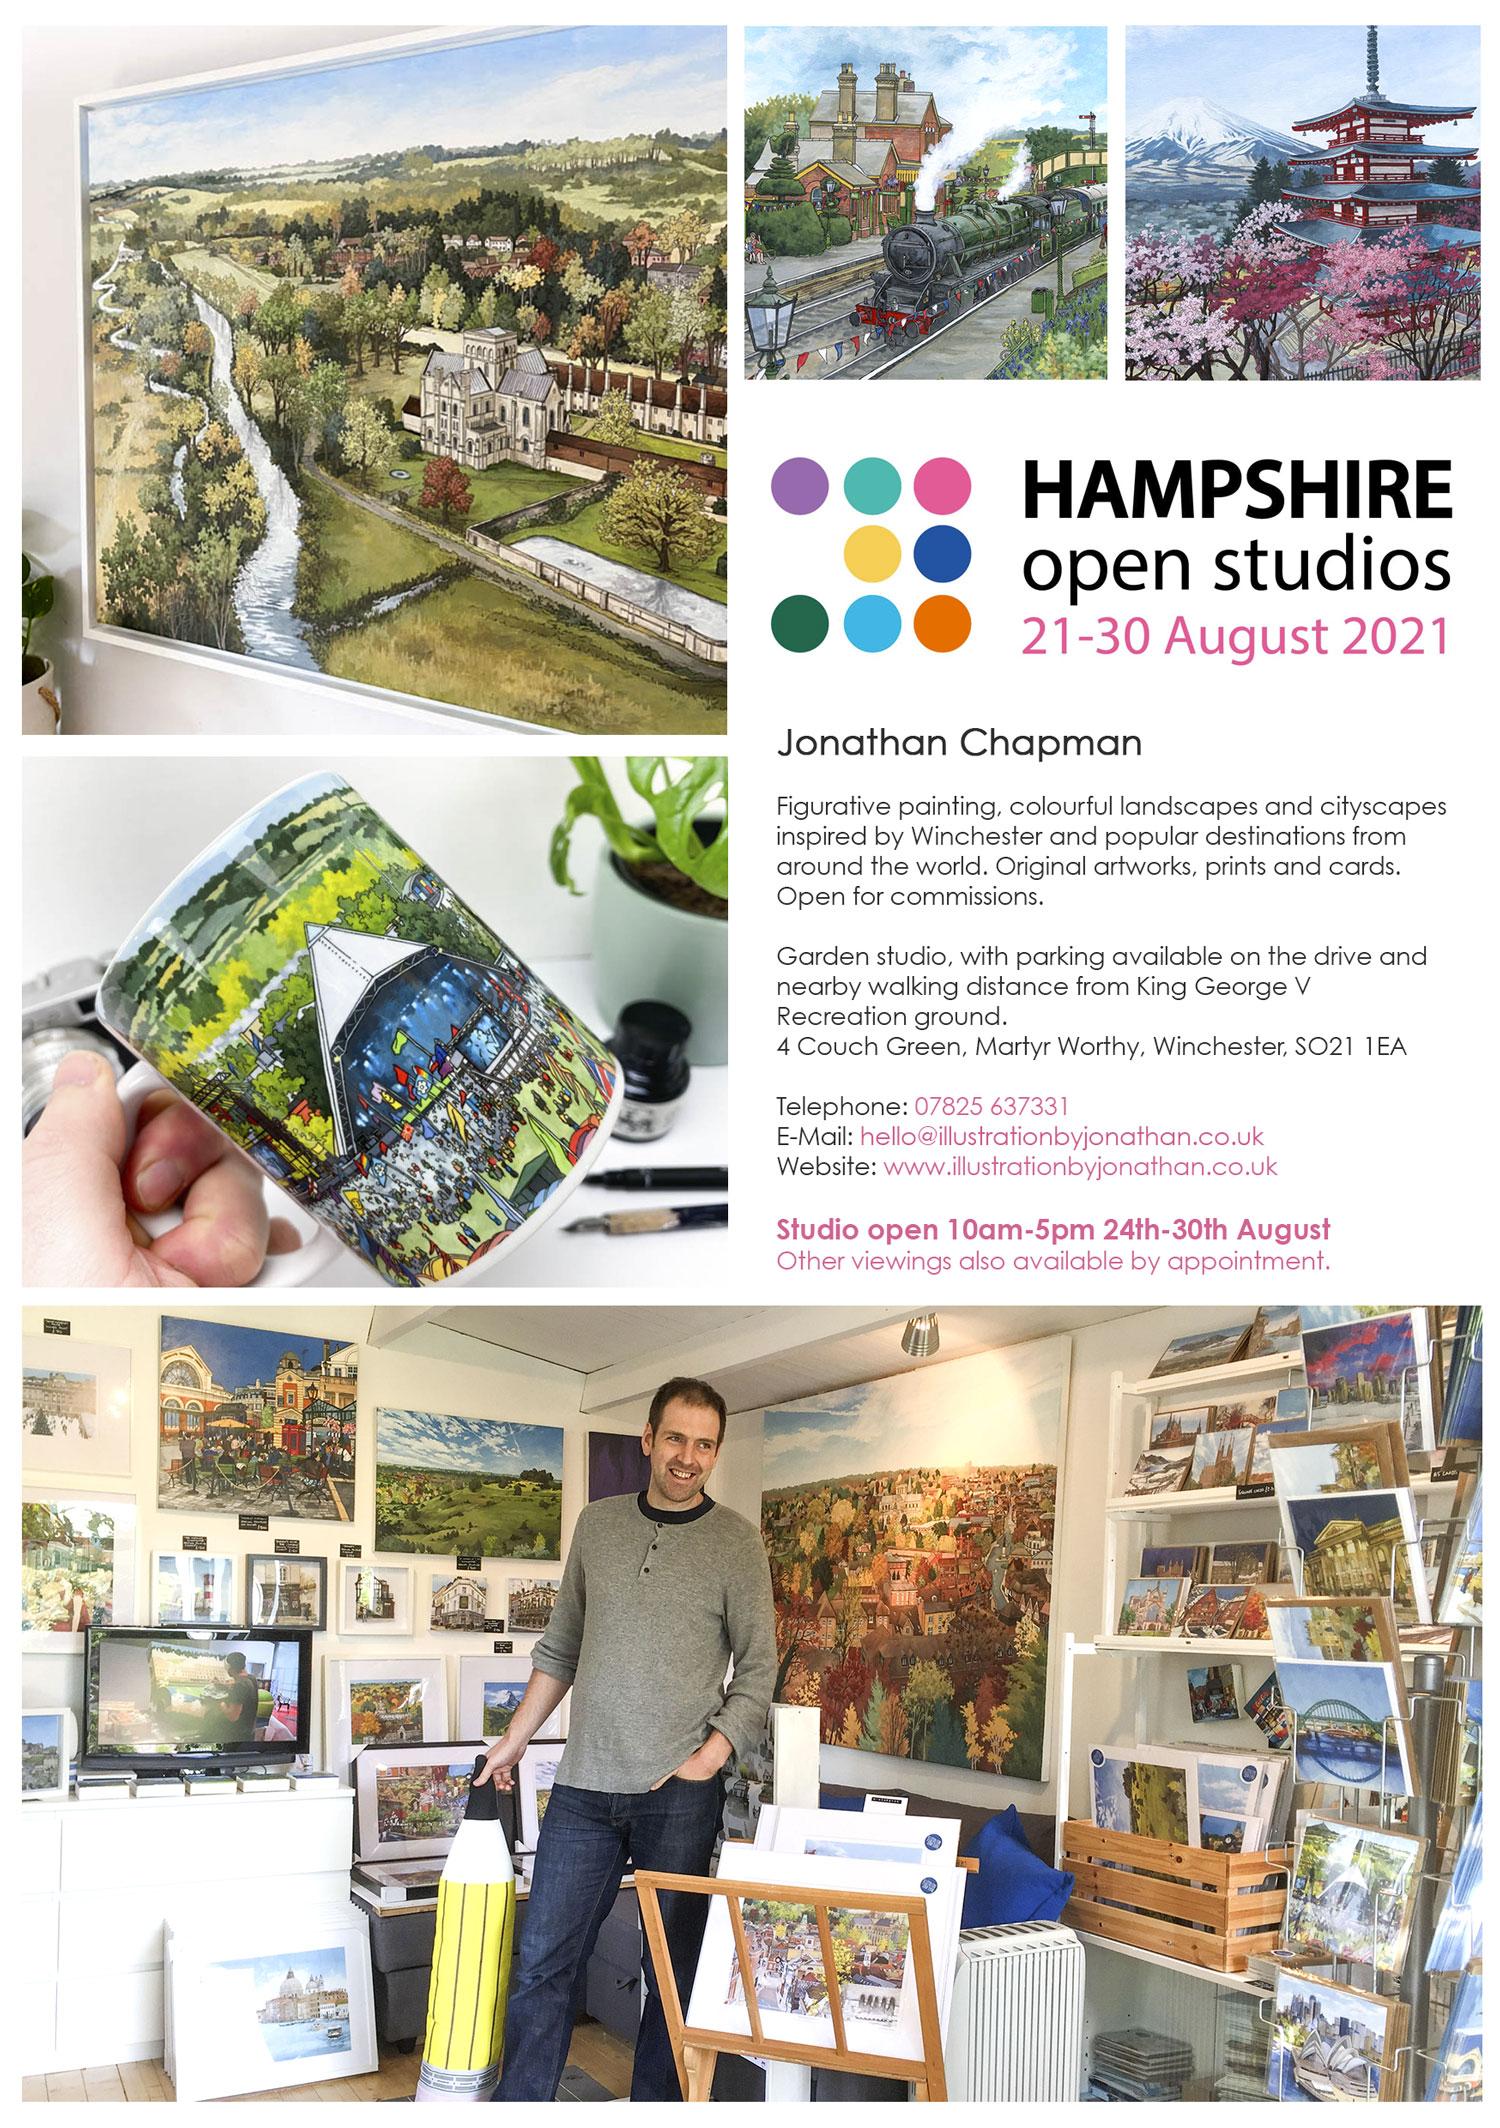 Hampshire Open Studio 2021 - Jonathan Chapman